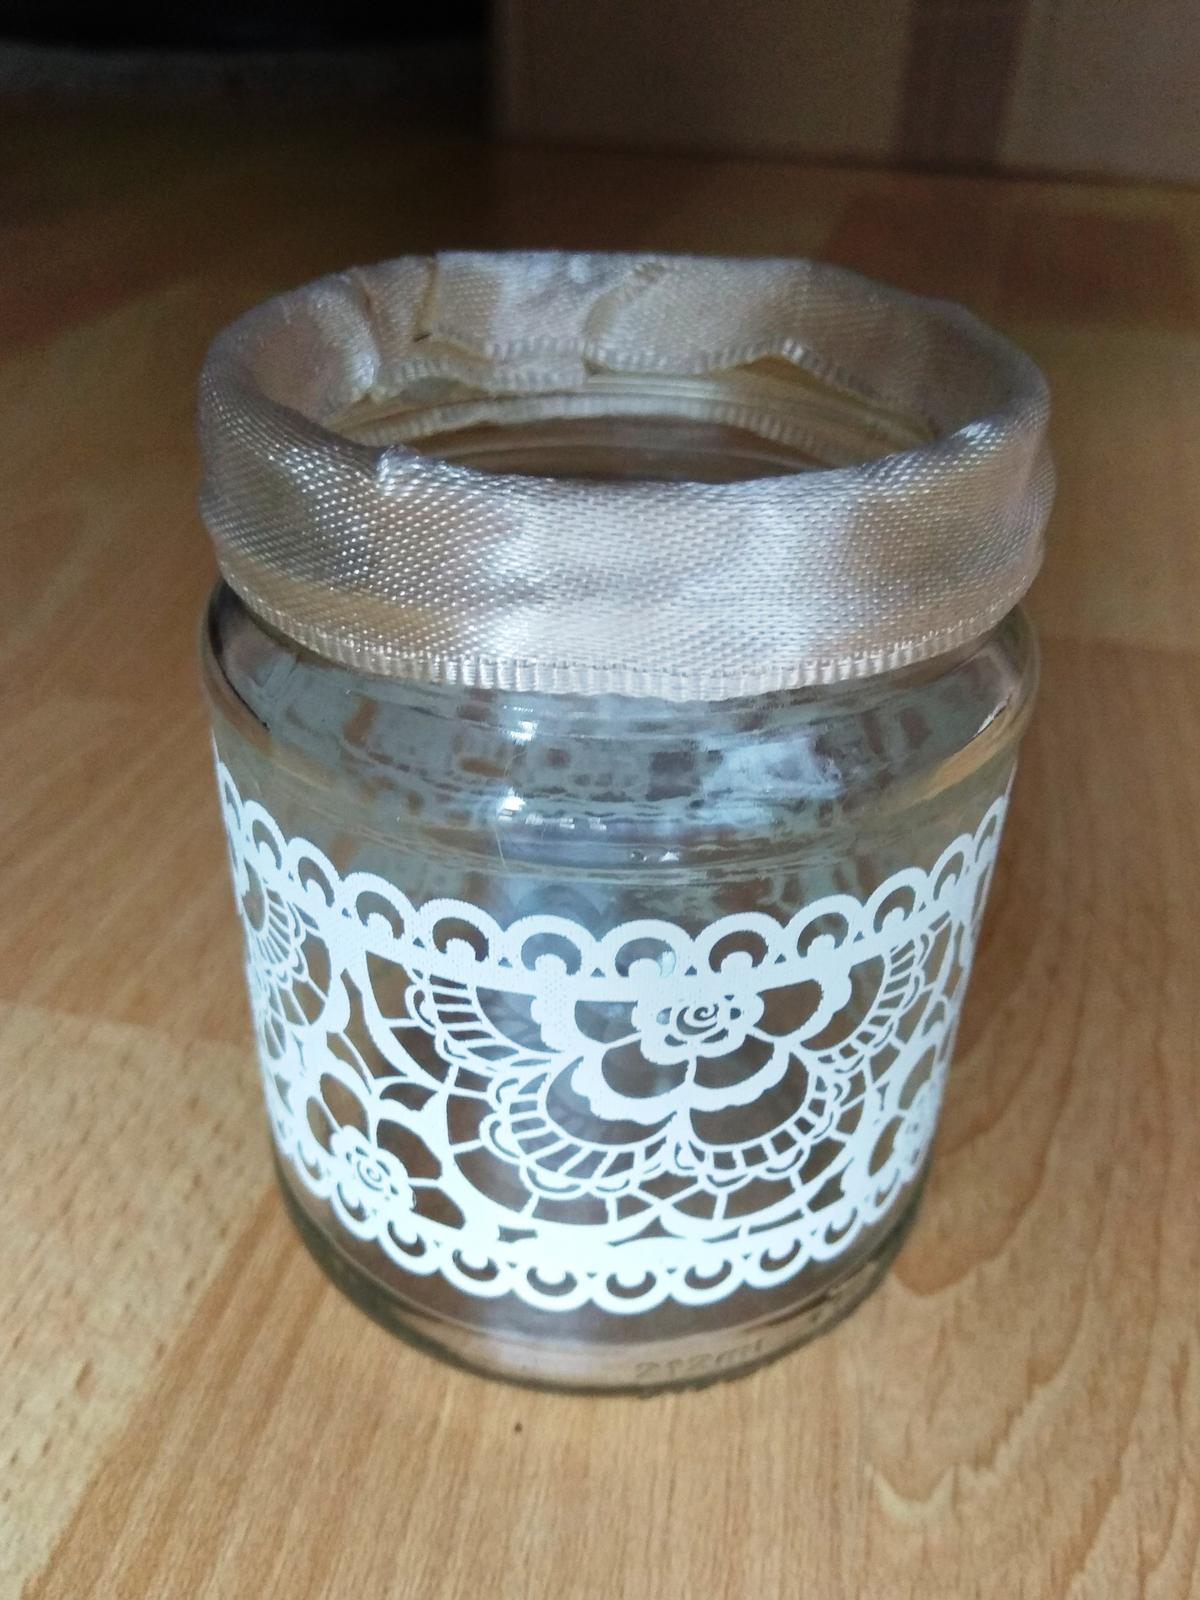 Malé vázičky nebo svícínky s krajkou a stuhou - Obrázek č. 1